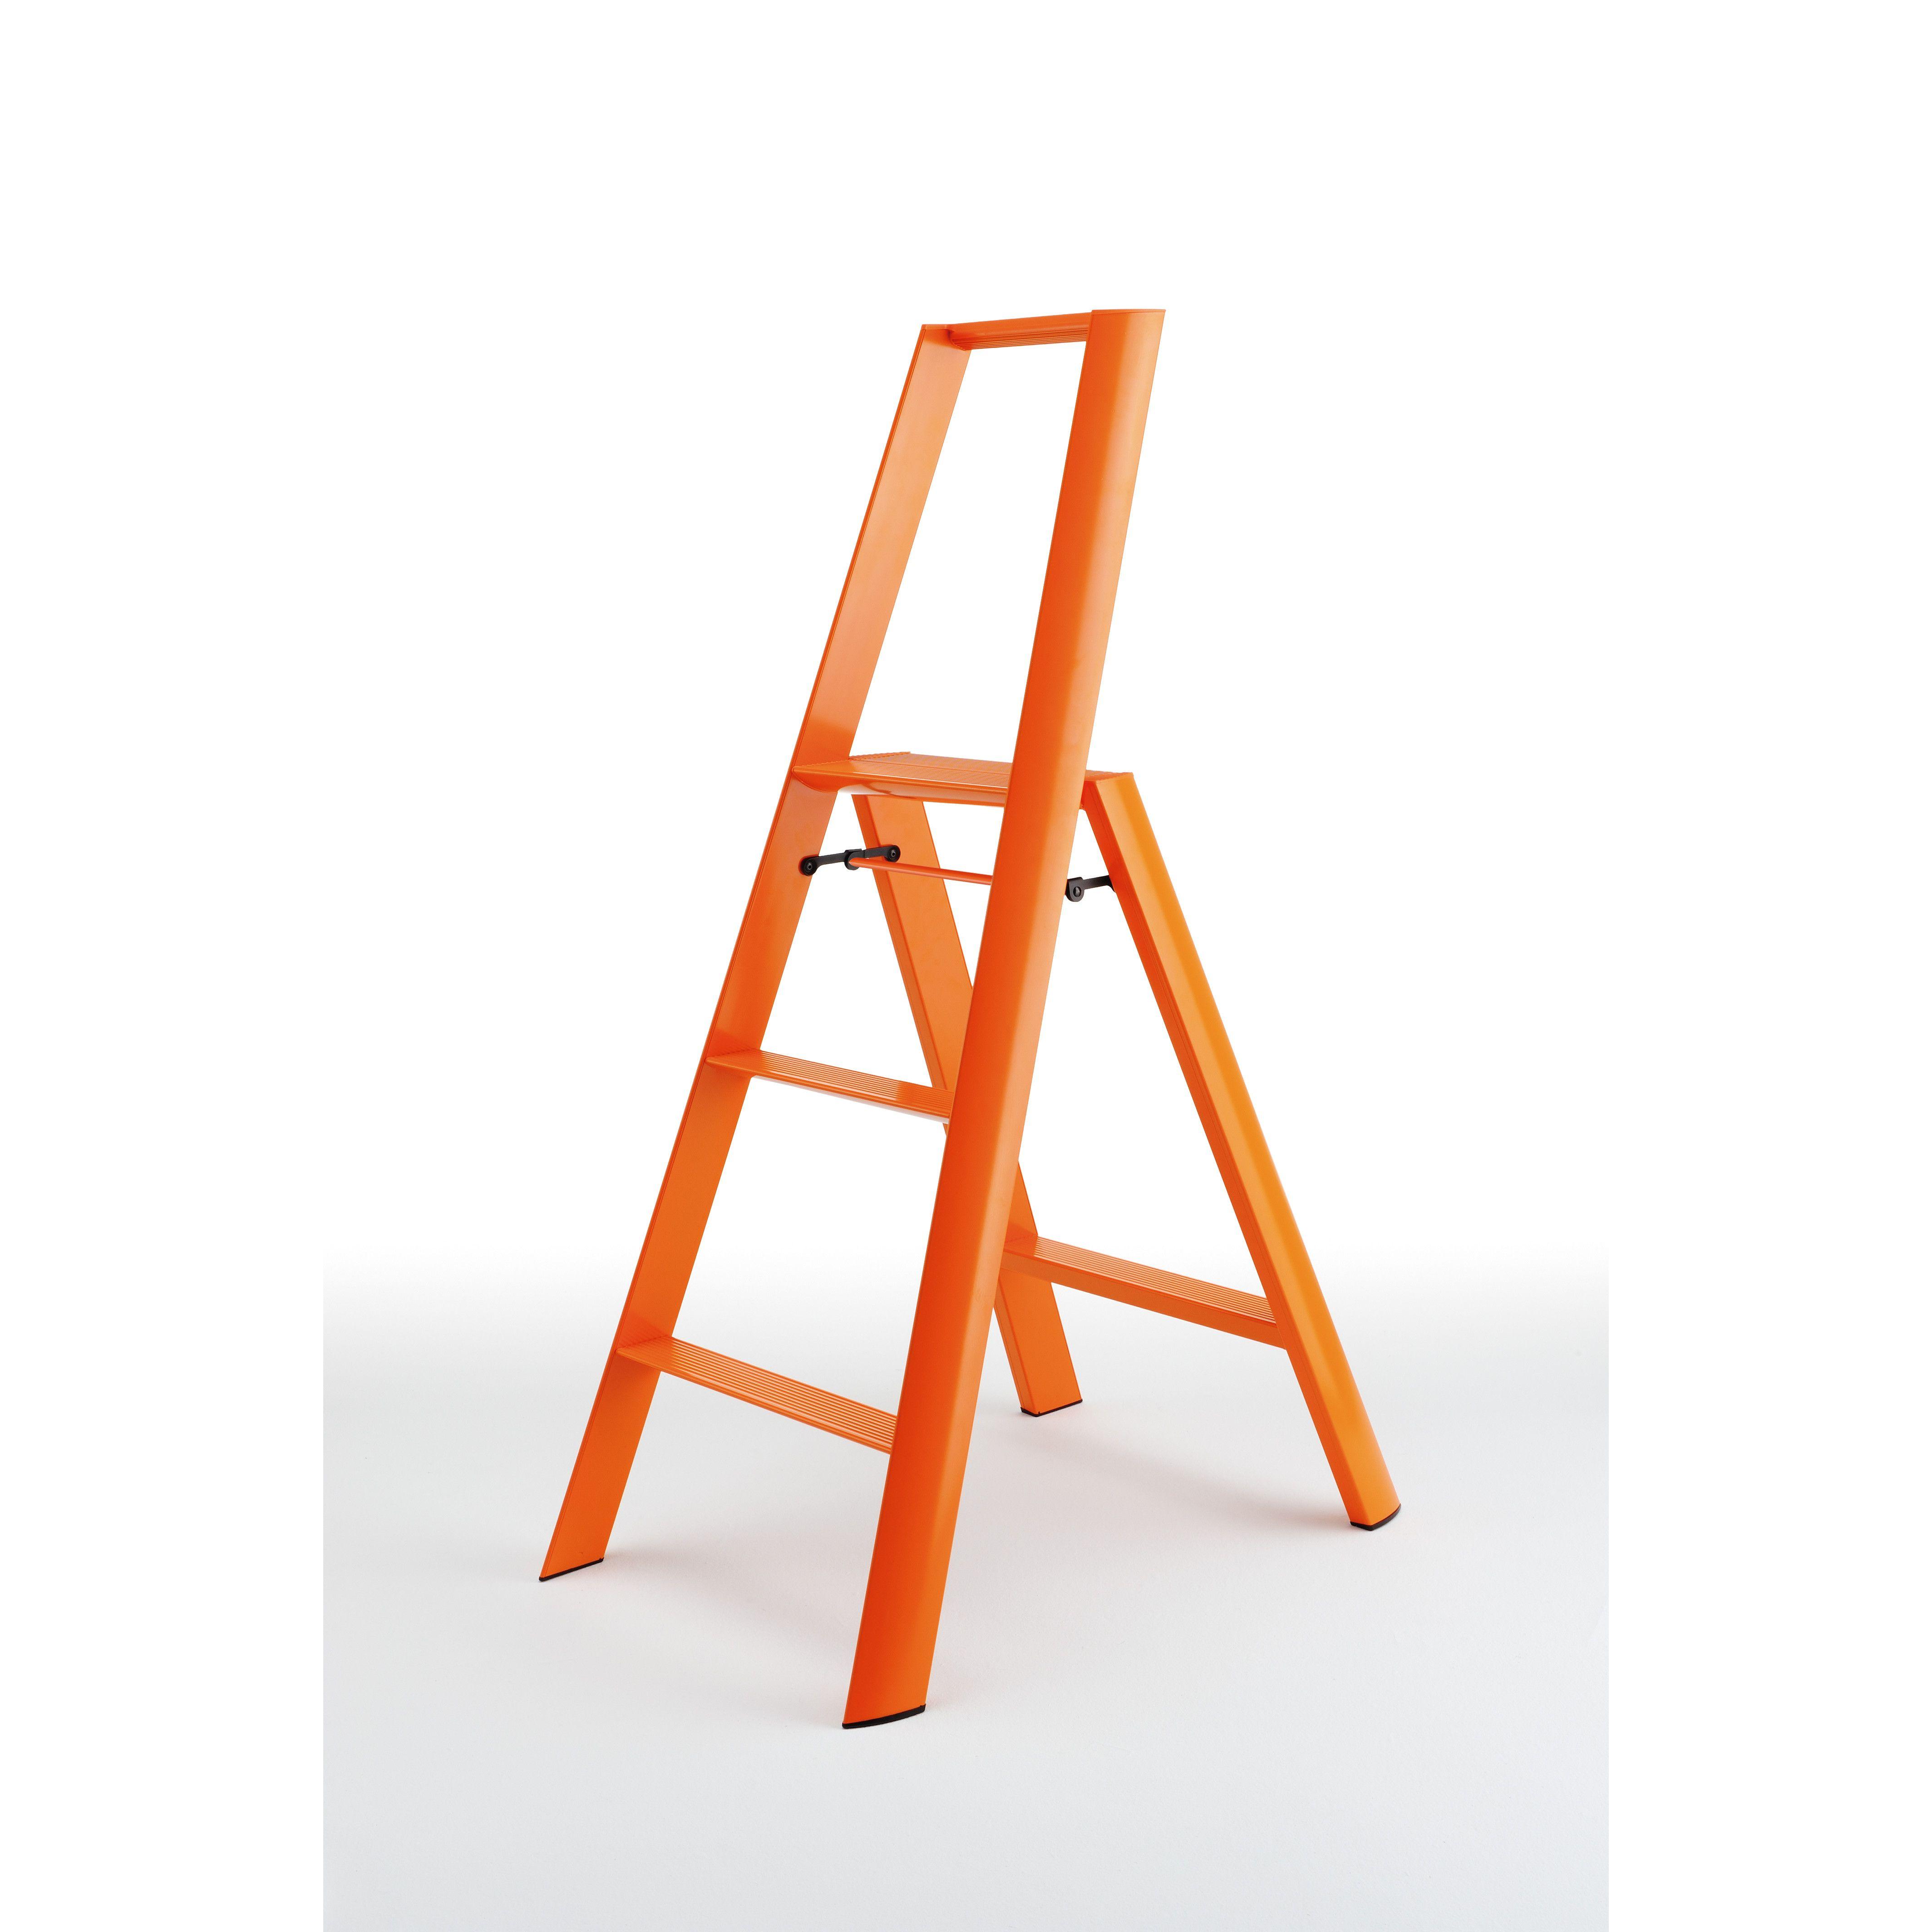 2 Step Plastic Step Stool Stufenhocker Einrichtung Und Design Shop